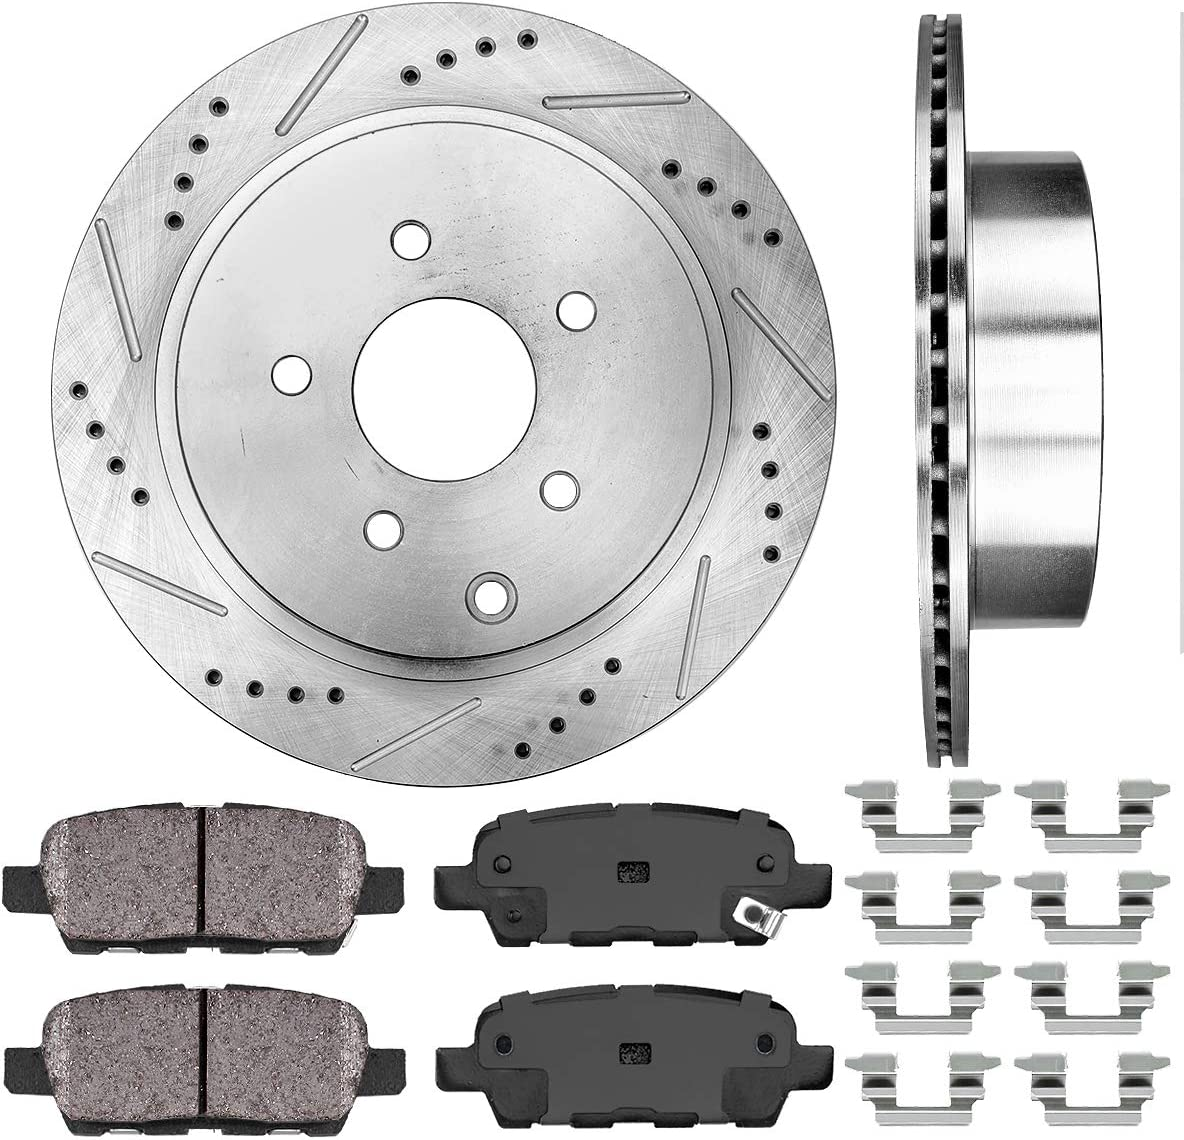 Callahan Max 67% OFF CDS02043 REAR 308 Gifts mm Premium D 5 Disc S R Lug Brake 2